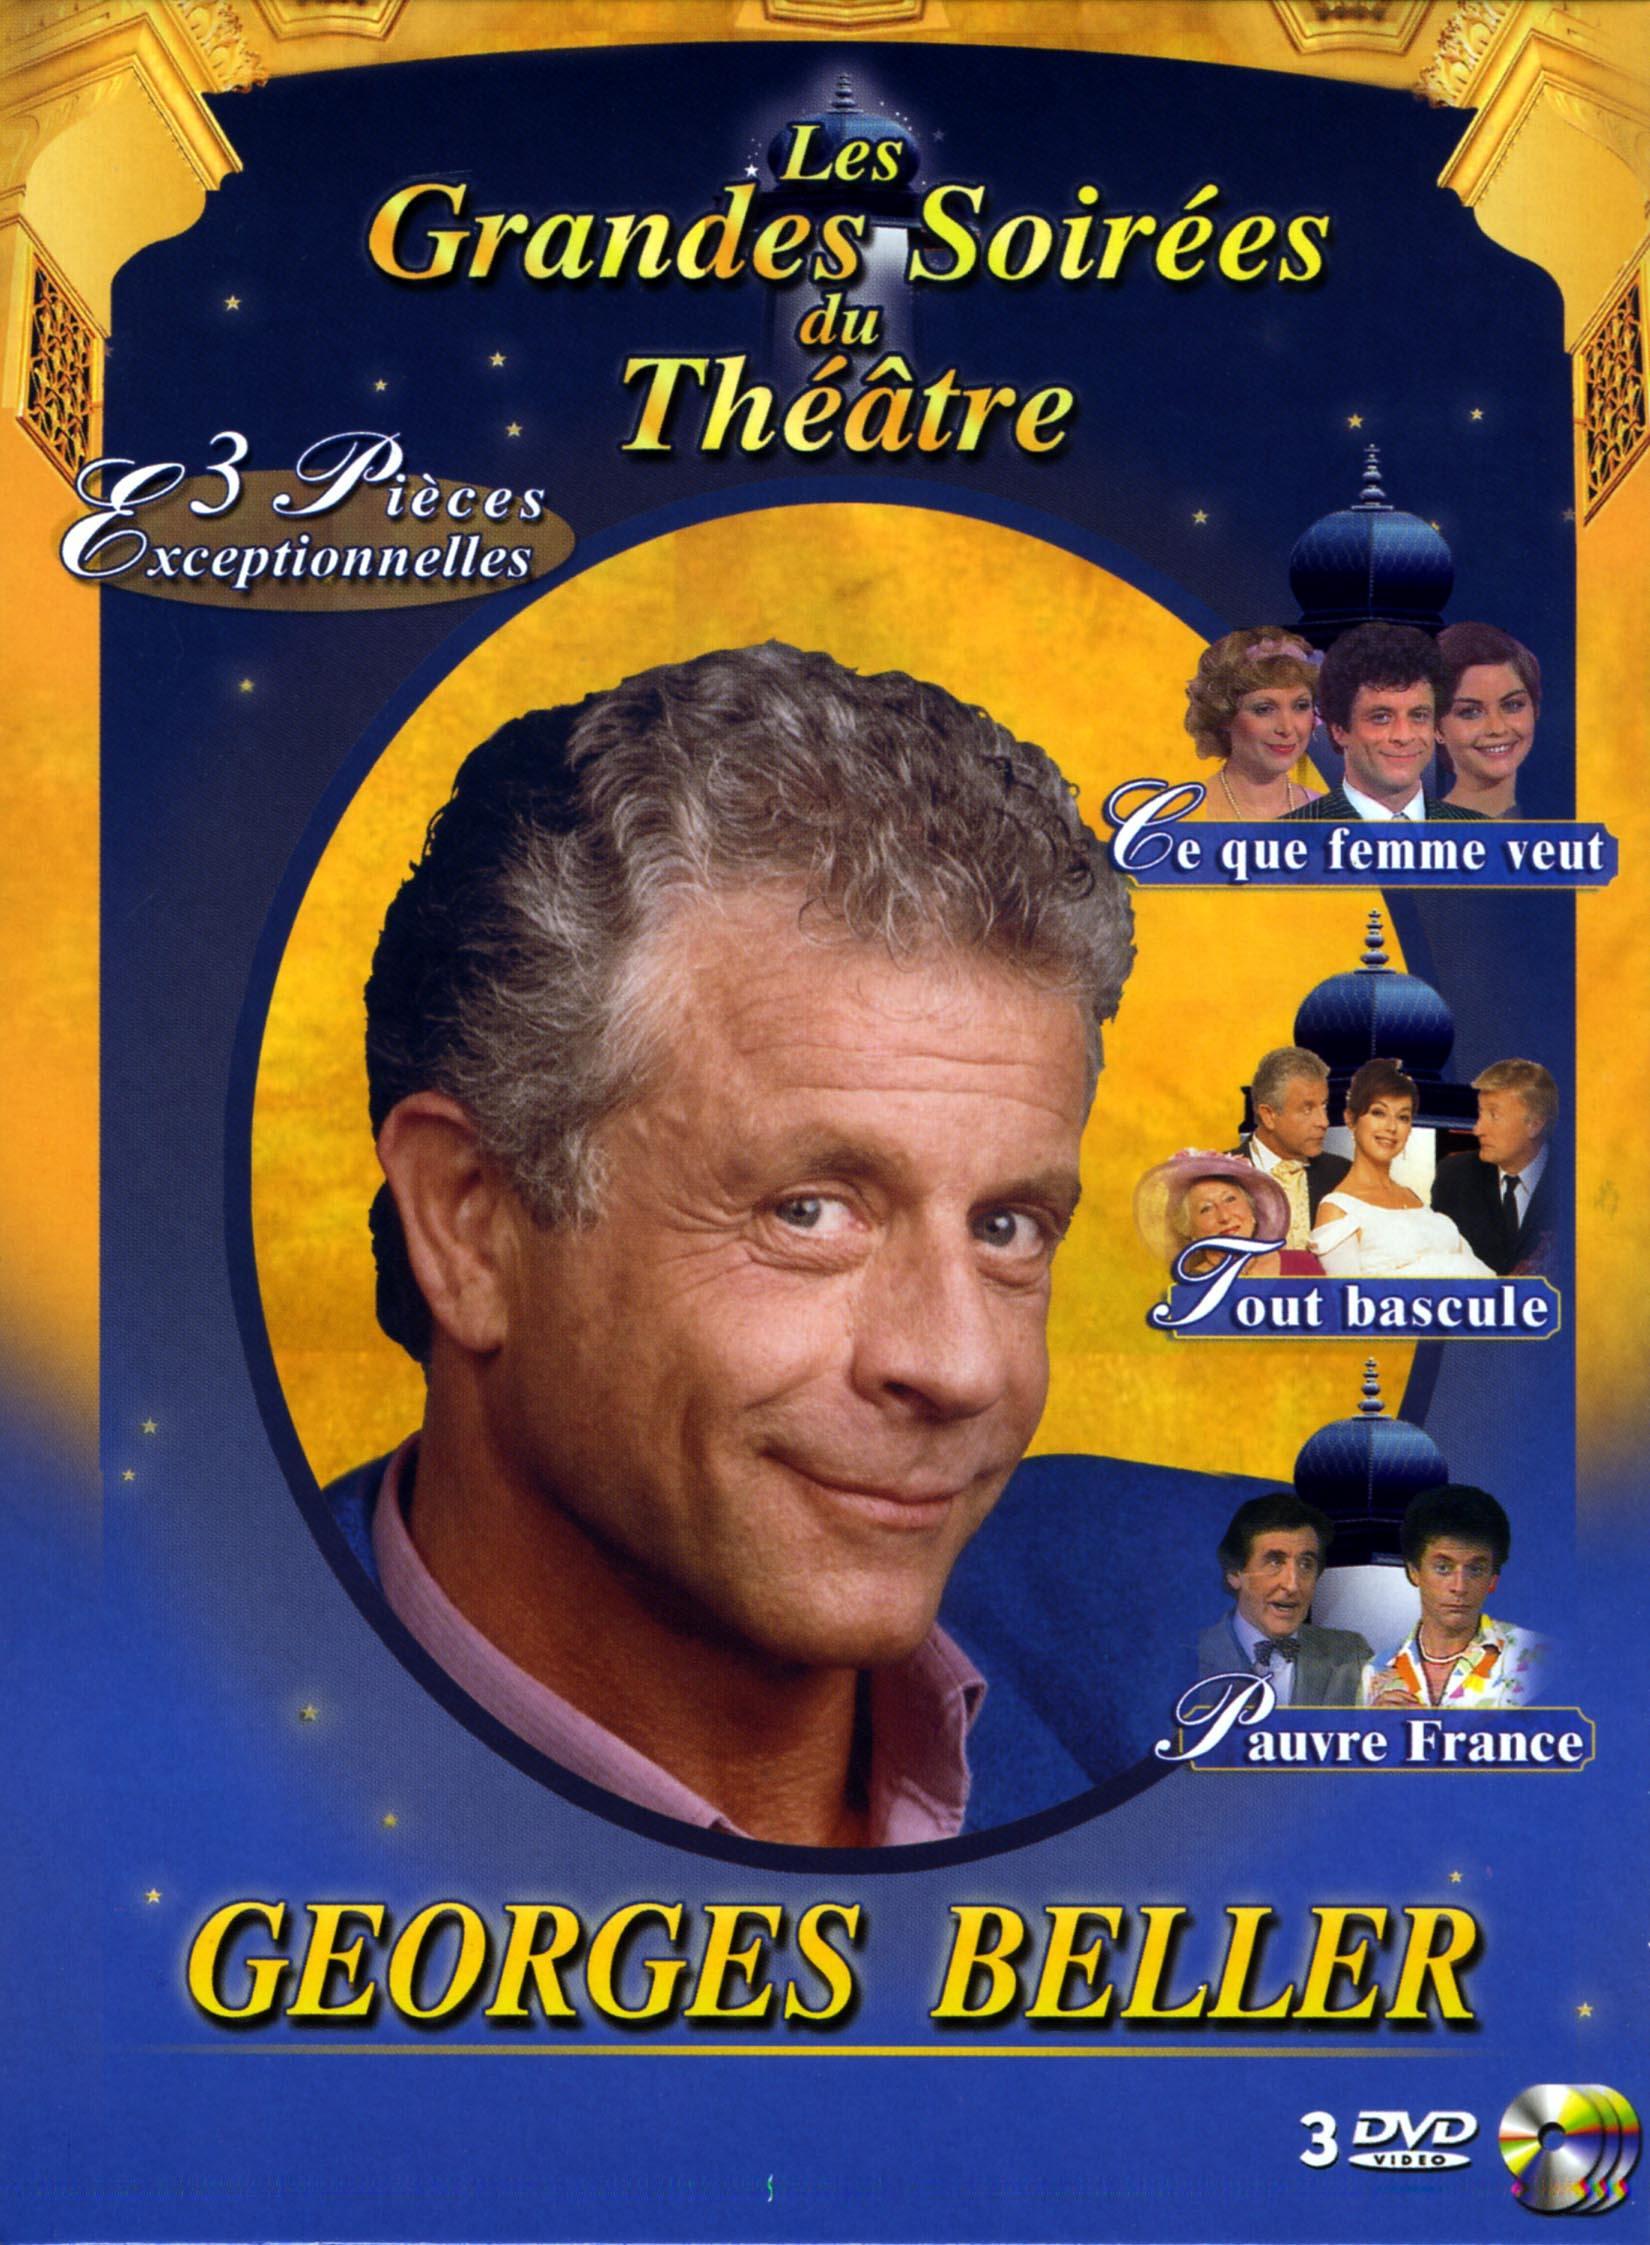 Coffret georges beller - 3 dvd  les grandes soirees du theatre